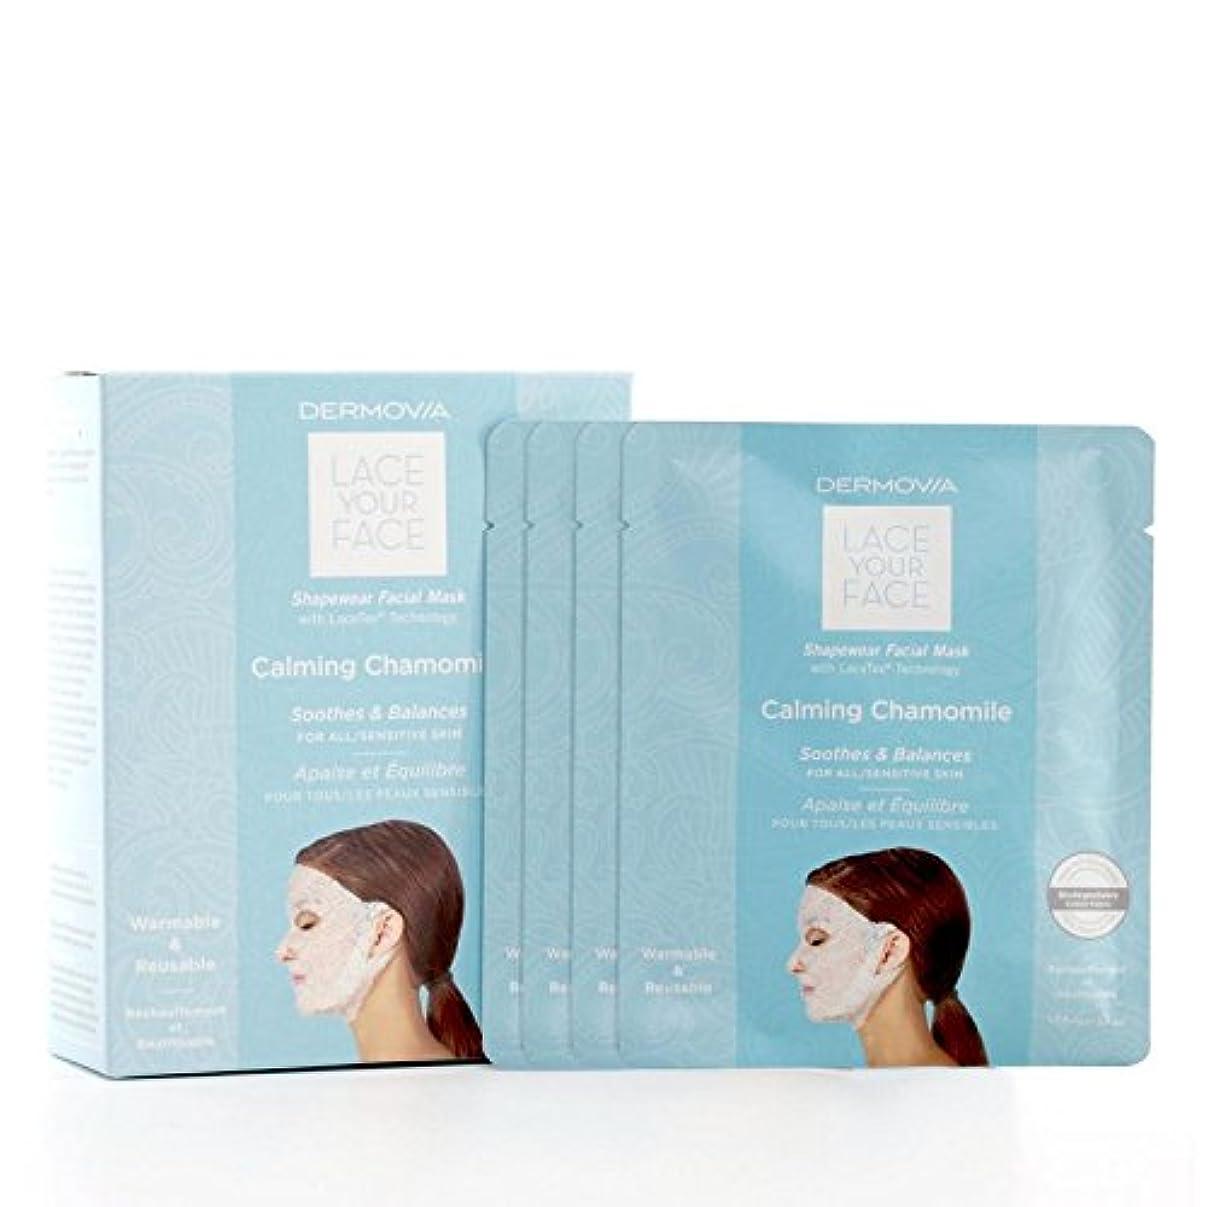 サスティーンふりをする通り抜けるDermovia Lace Your Face Compression Facial Mask Calming Chamomile - は、あなたの顔の圧縮フェイシャルマスク心を落ち着かせるカモミールをひもで締めます [...